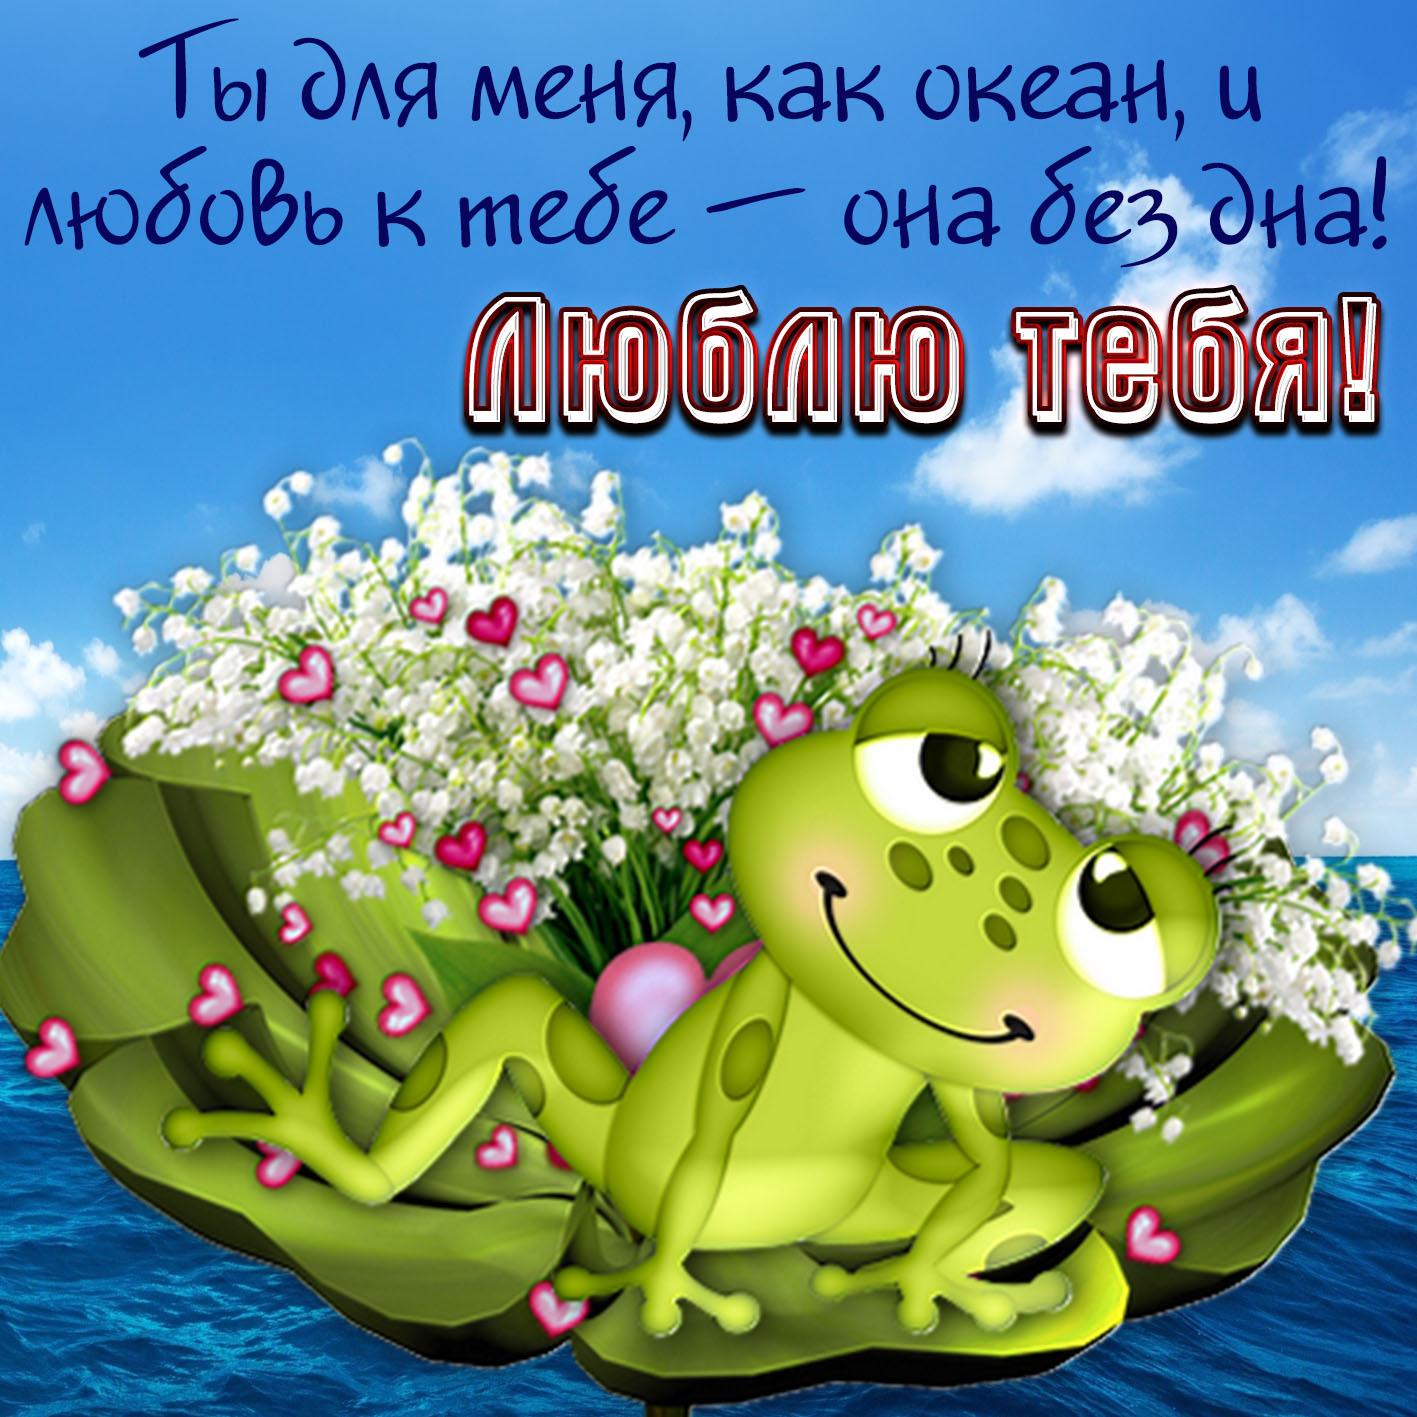 Картинка люблю тебя с забавным лягушонком